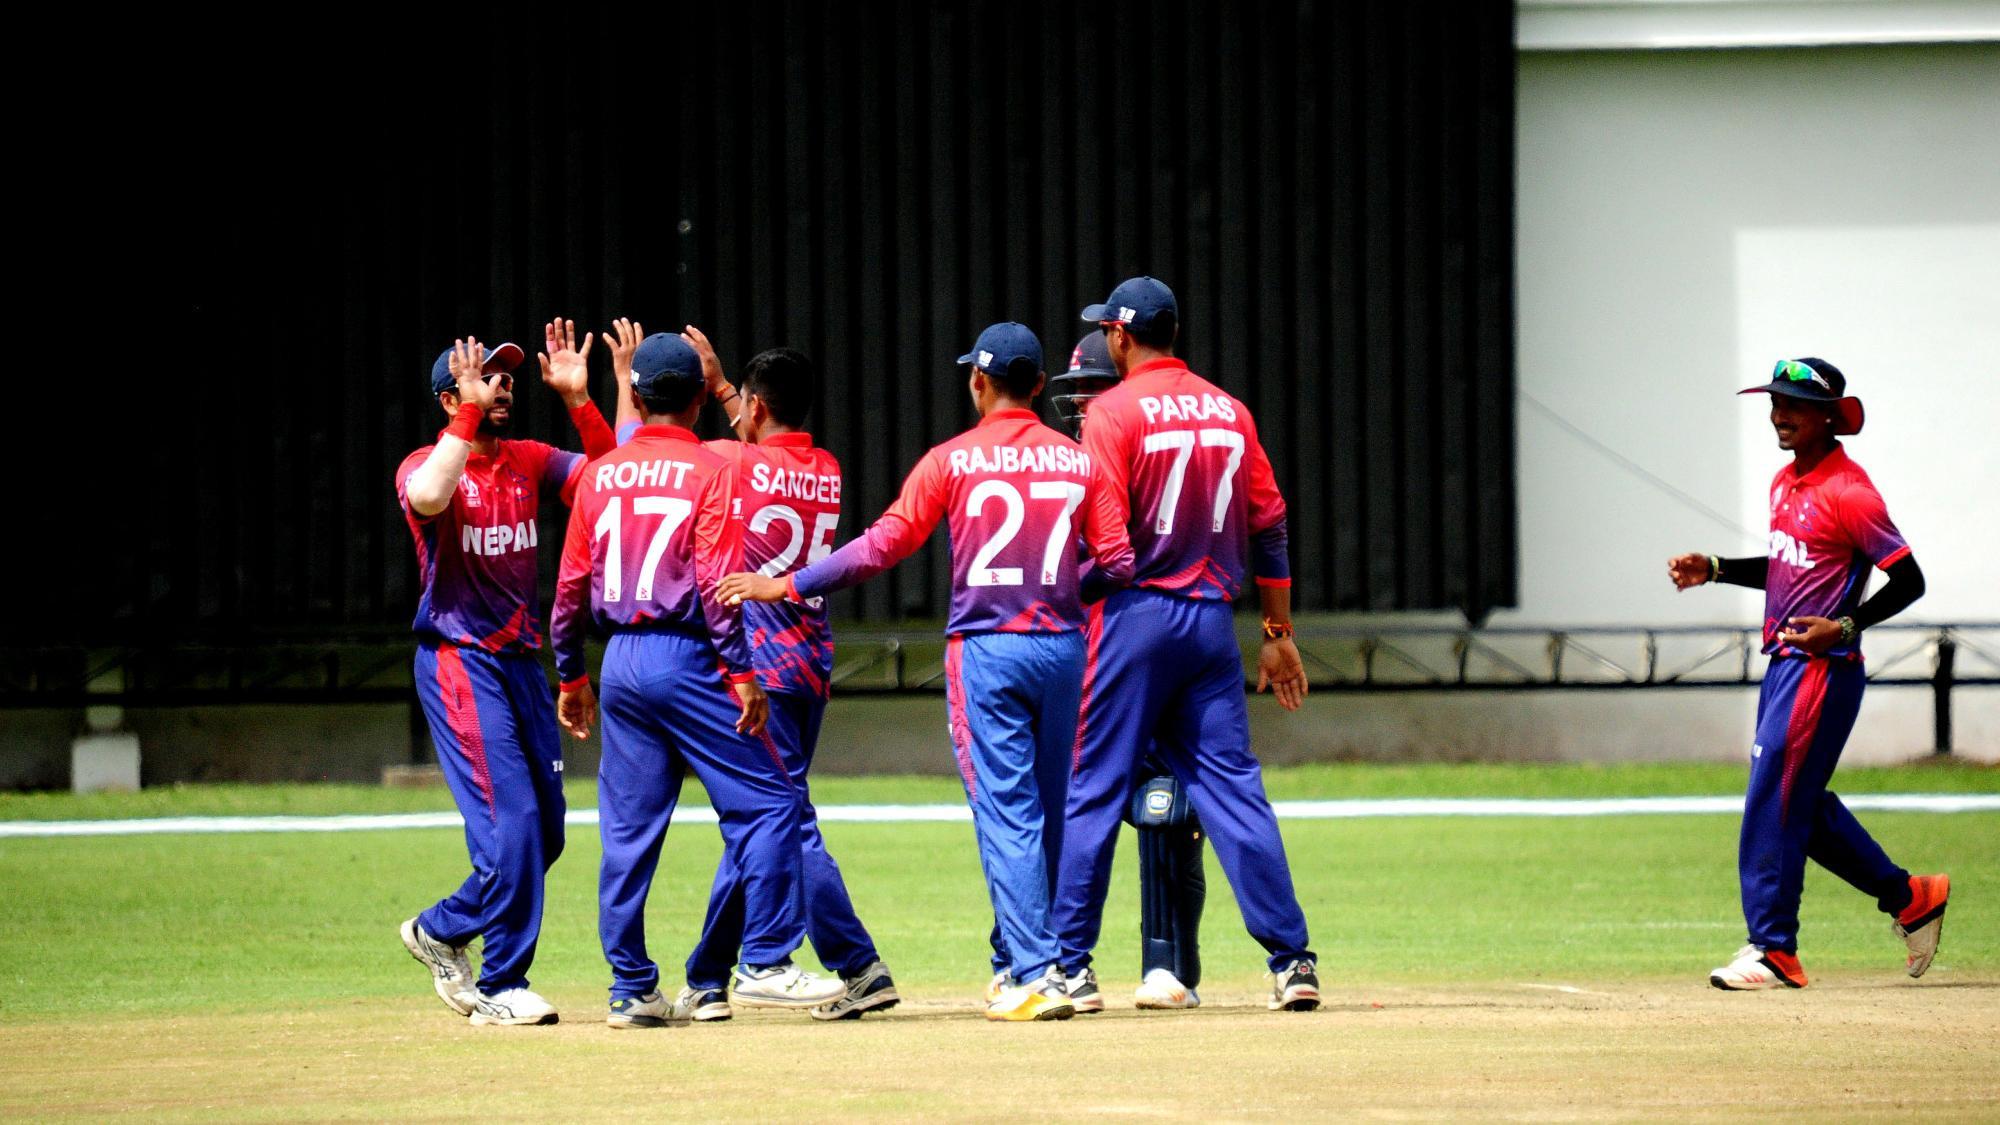 माल्दिभ्सलाई हराउँदै नेपालले जित्यो क्रिकेटमा कास्य